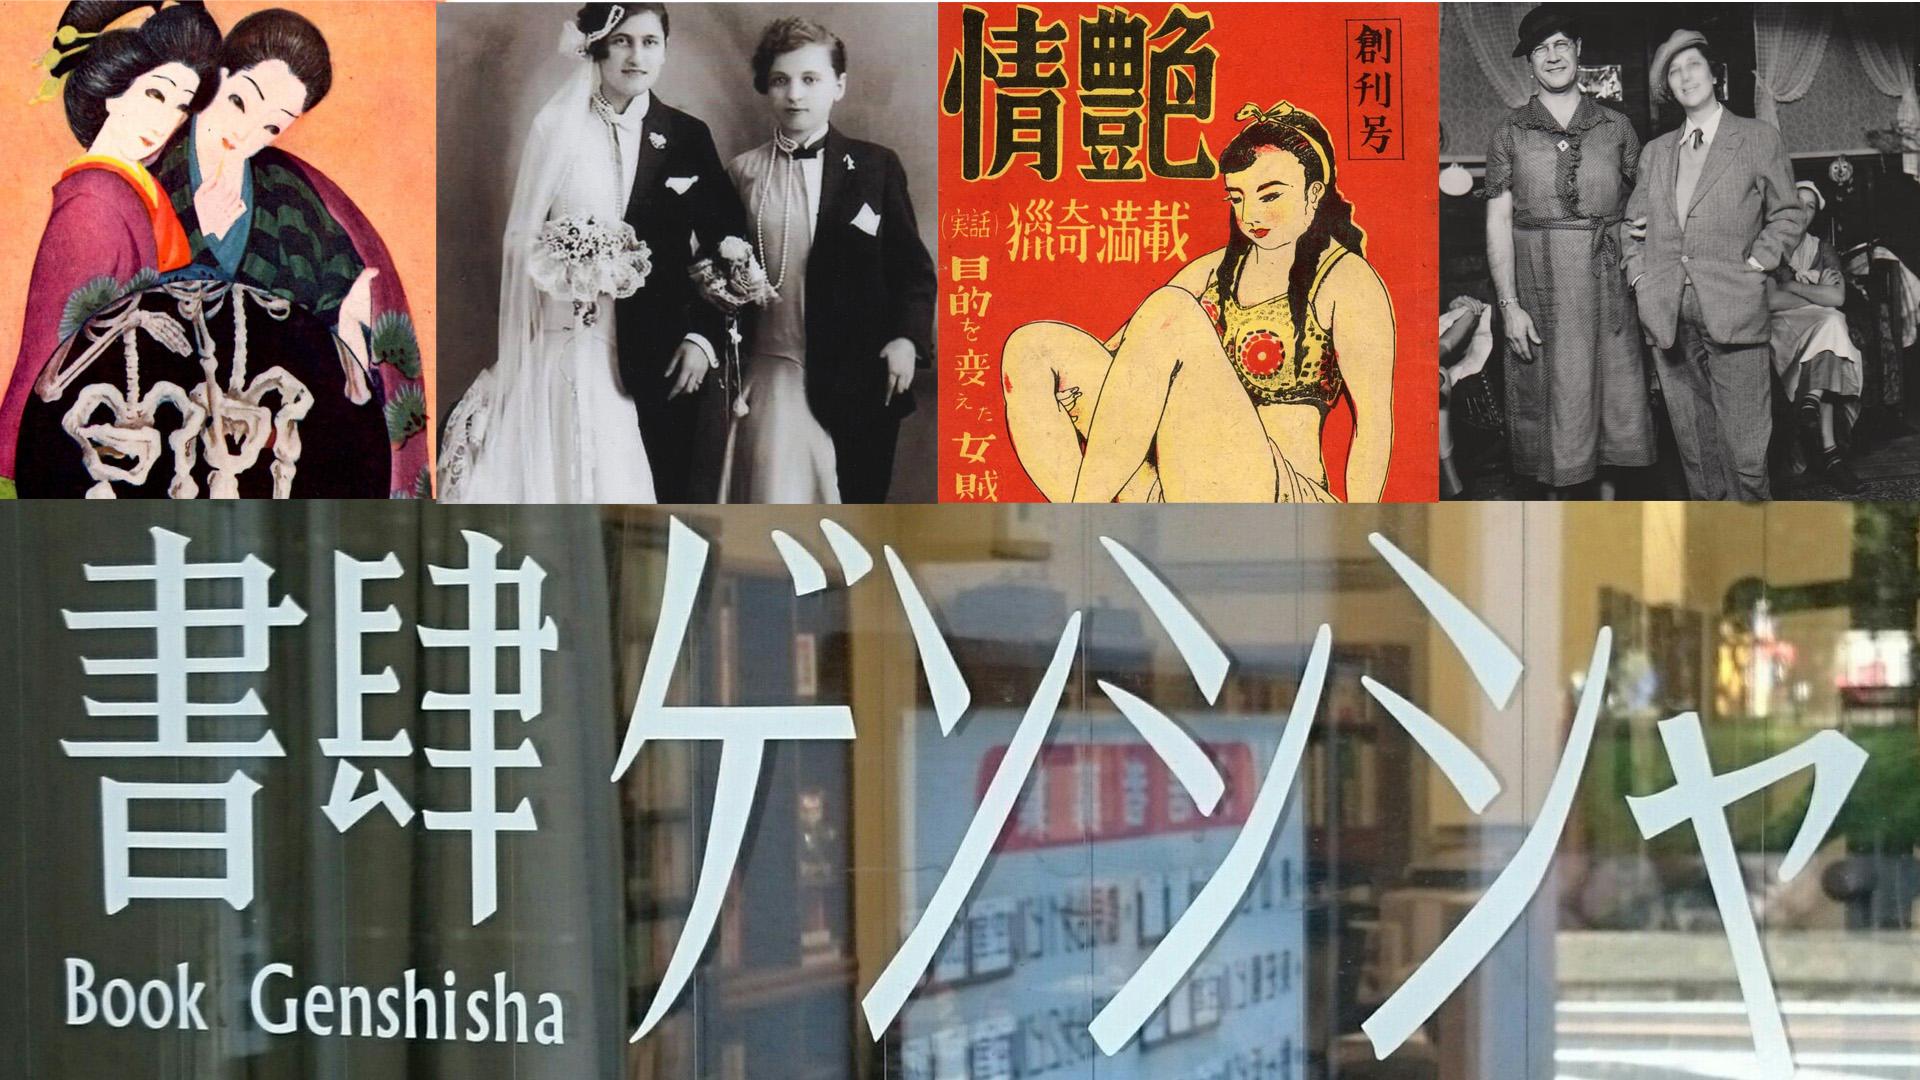 「讓LGBT抬頭挺胸」 日本怪奇舊書店 顛覆既有價值觀